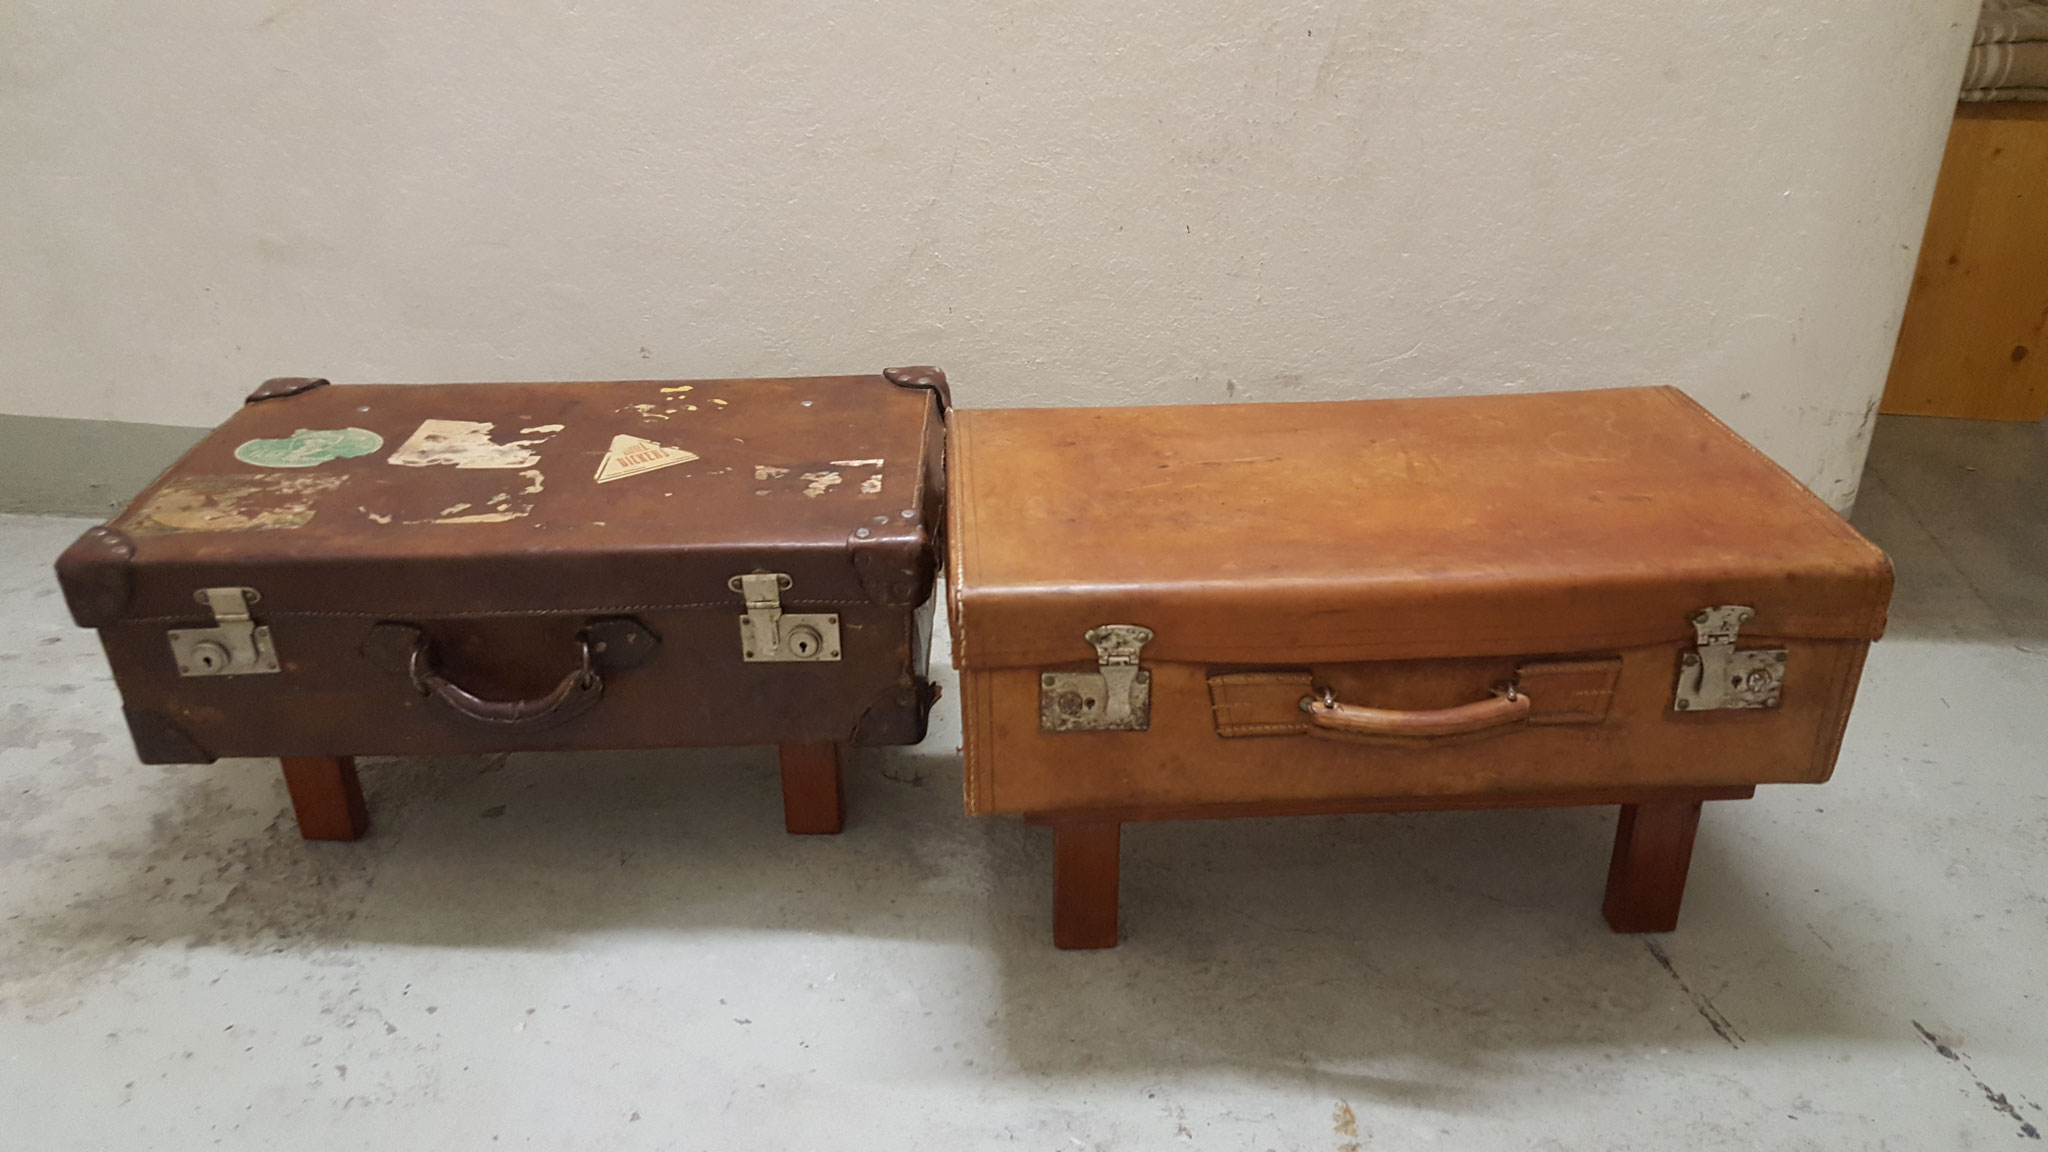 Die zwei Koffer passen gut zusammen.